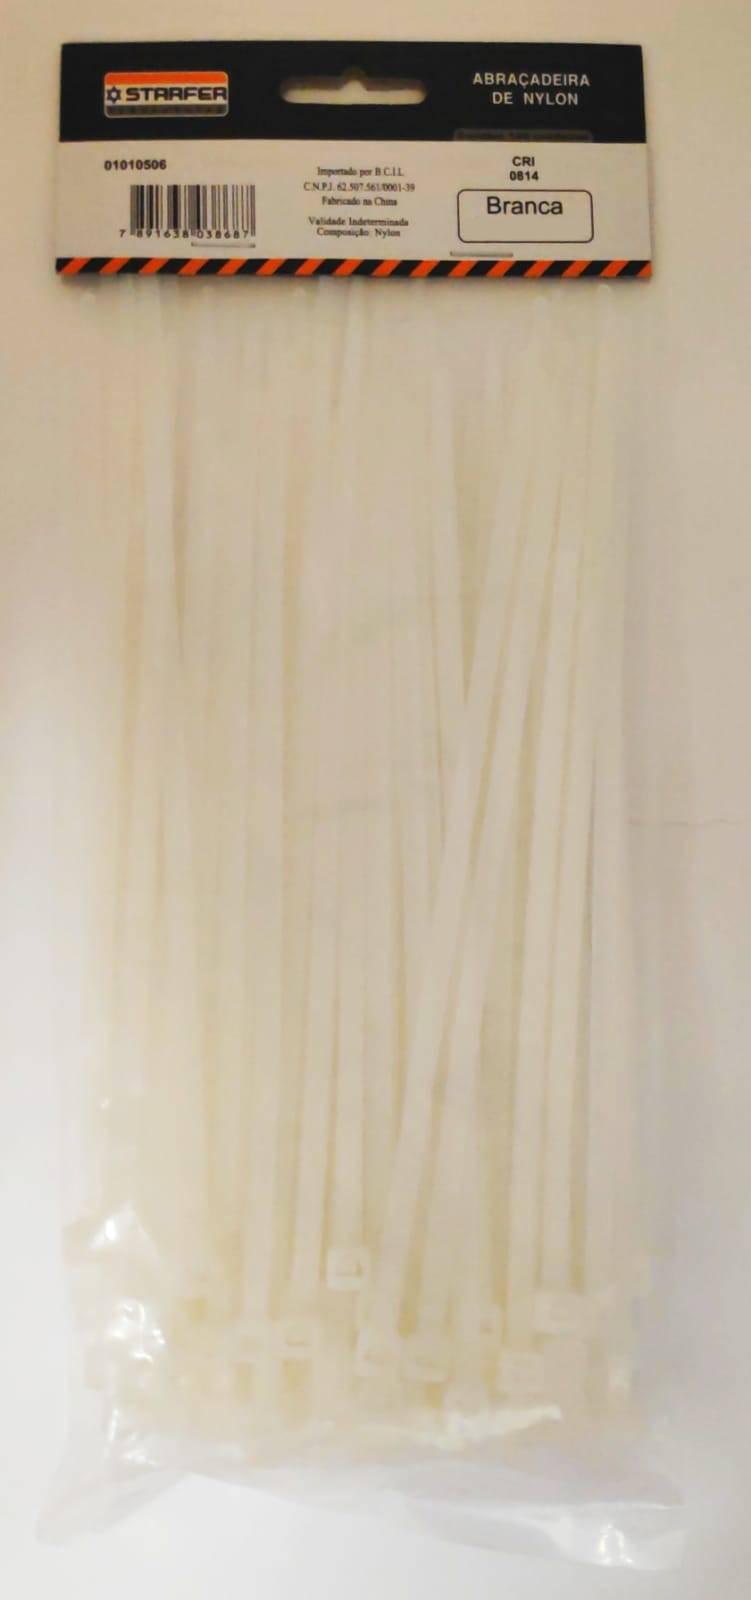 Abraçadeira de Nylon Branca 200mmx4,8mm Com 100 Peças - Starfer